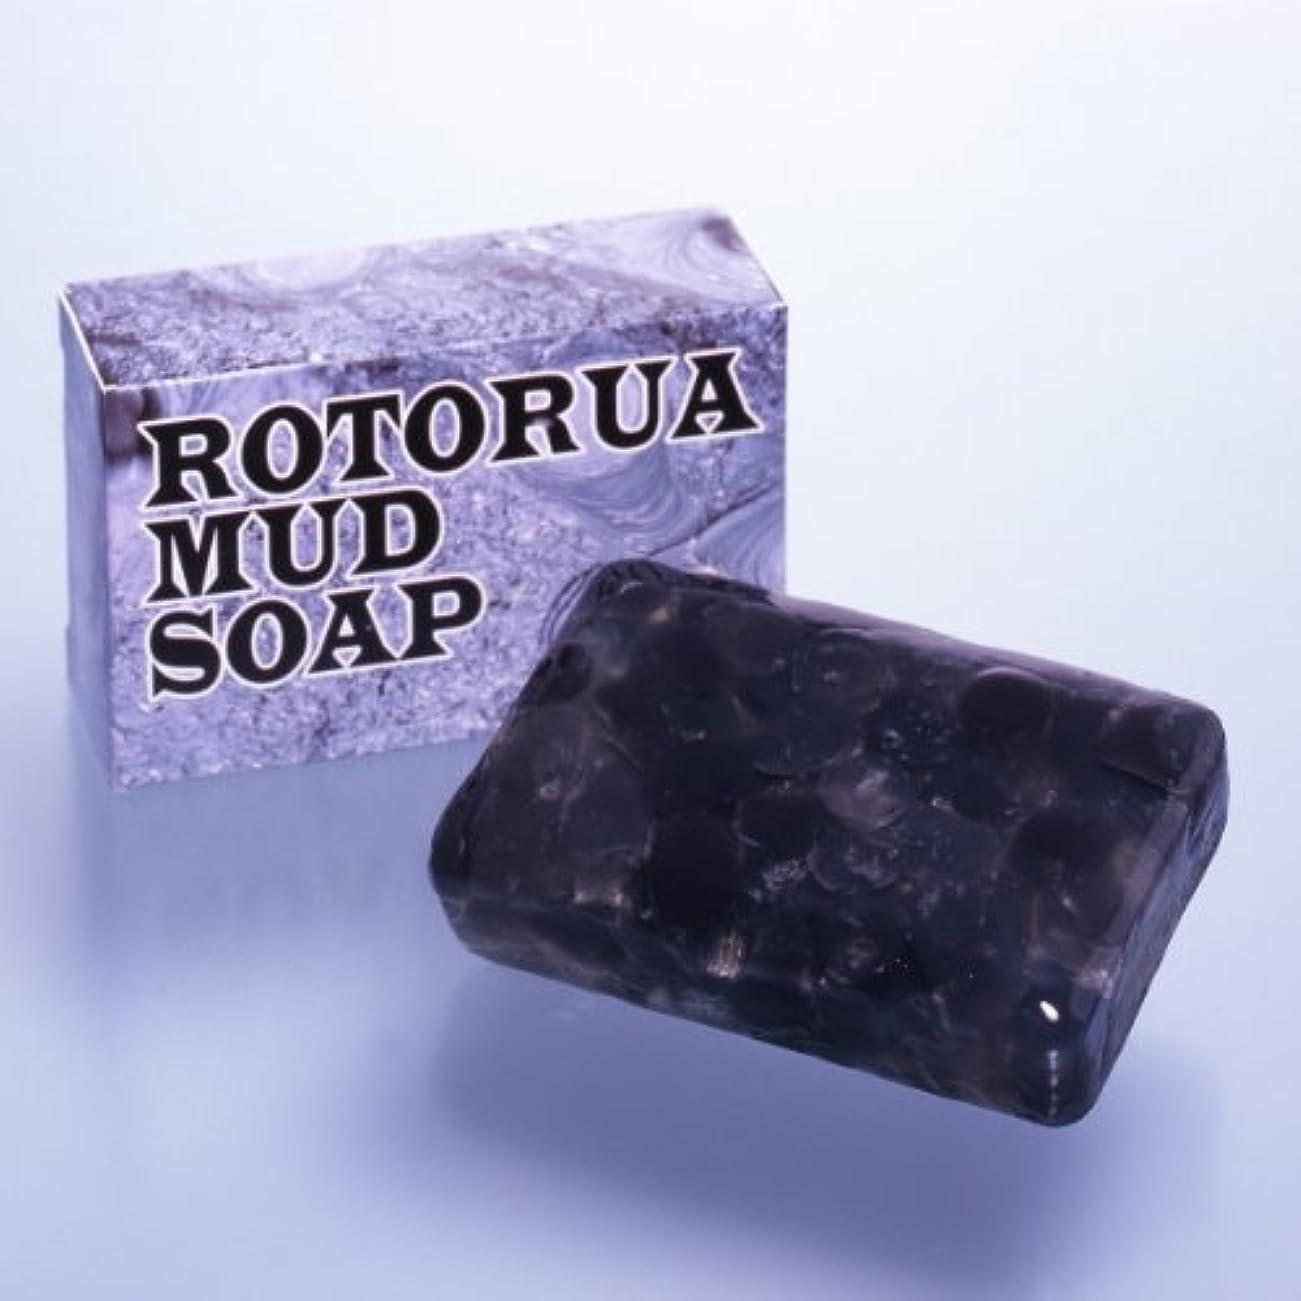 同意する検索エンジンマーケティングメロドラマロトルア火山から生まれたミネラル石鹸がシミ?色黒に絶大な効果『ロトルア?マッドソープ』